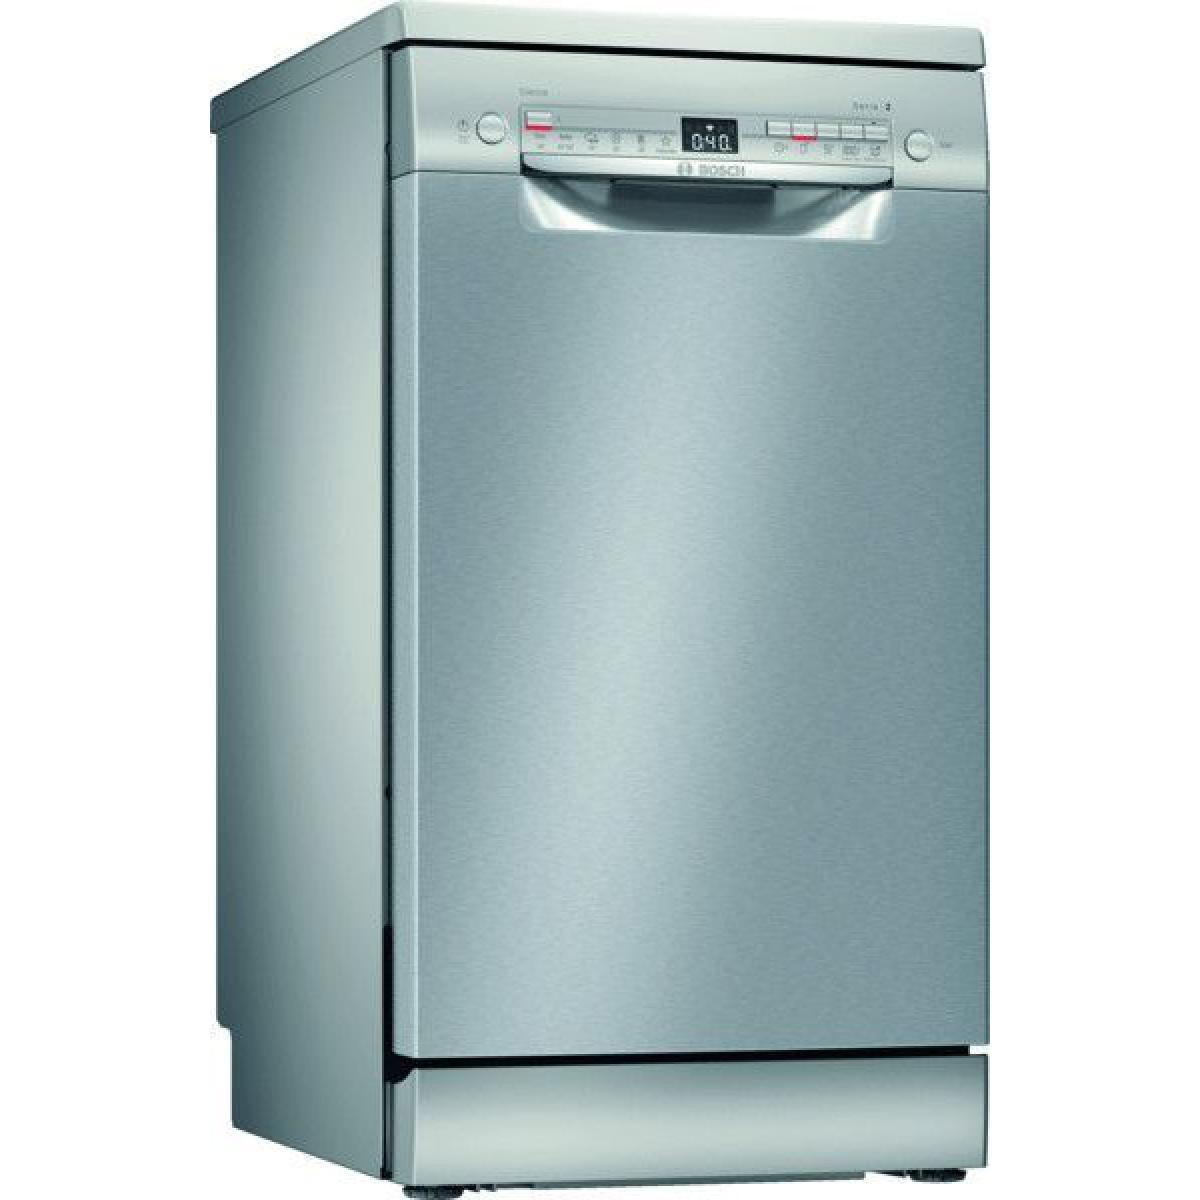 Bosch Lave-vaisselle pose libre BOSCH 9 Couverts 45cm A+, SPS 2 HKI 59 E